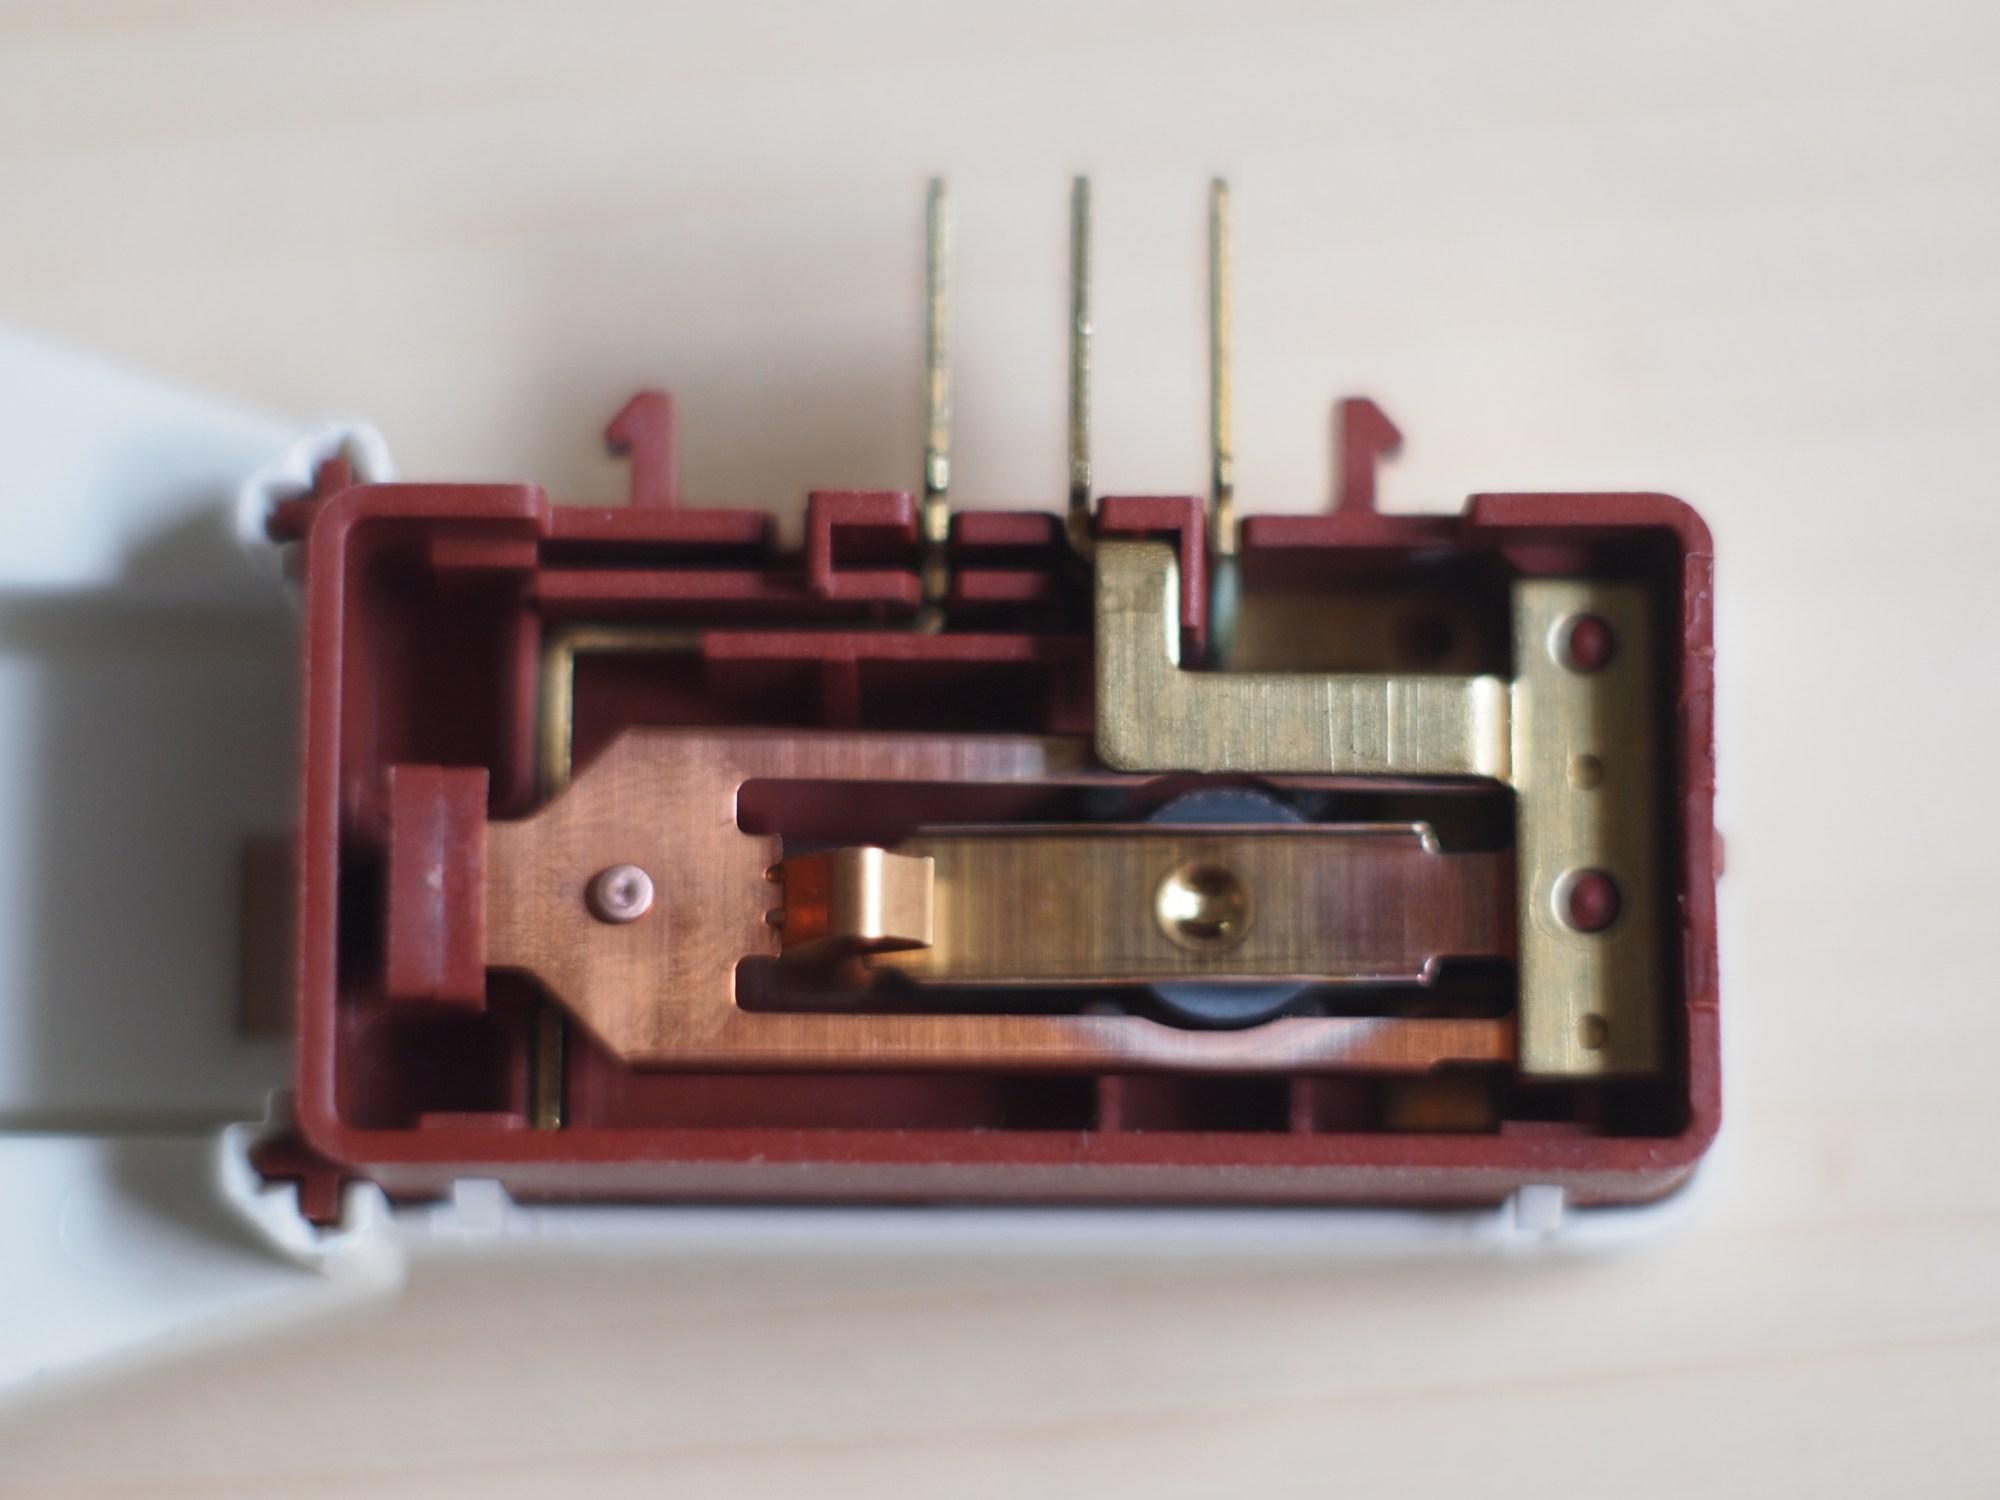 hight resolution of repairing door interlock metalflex zv 446 ifixit repair guide washing machine motor wiring washing machine door interlock wiring diagram